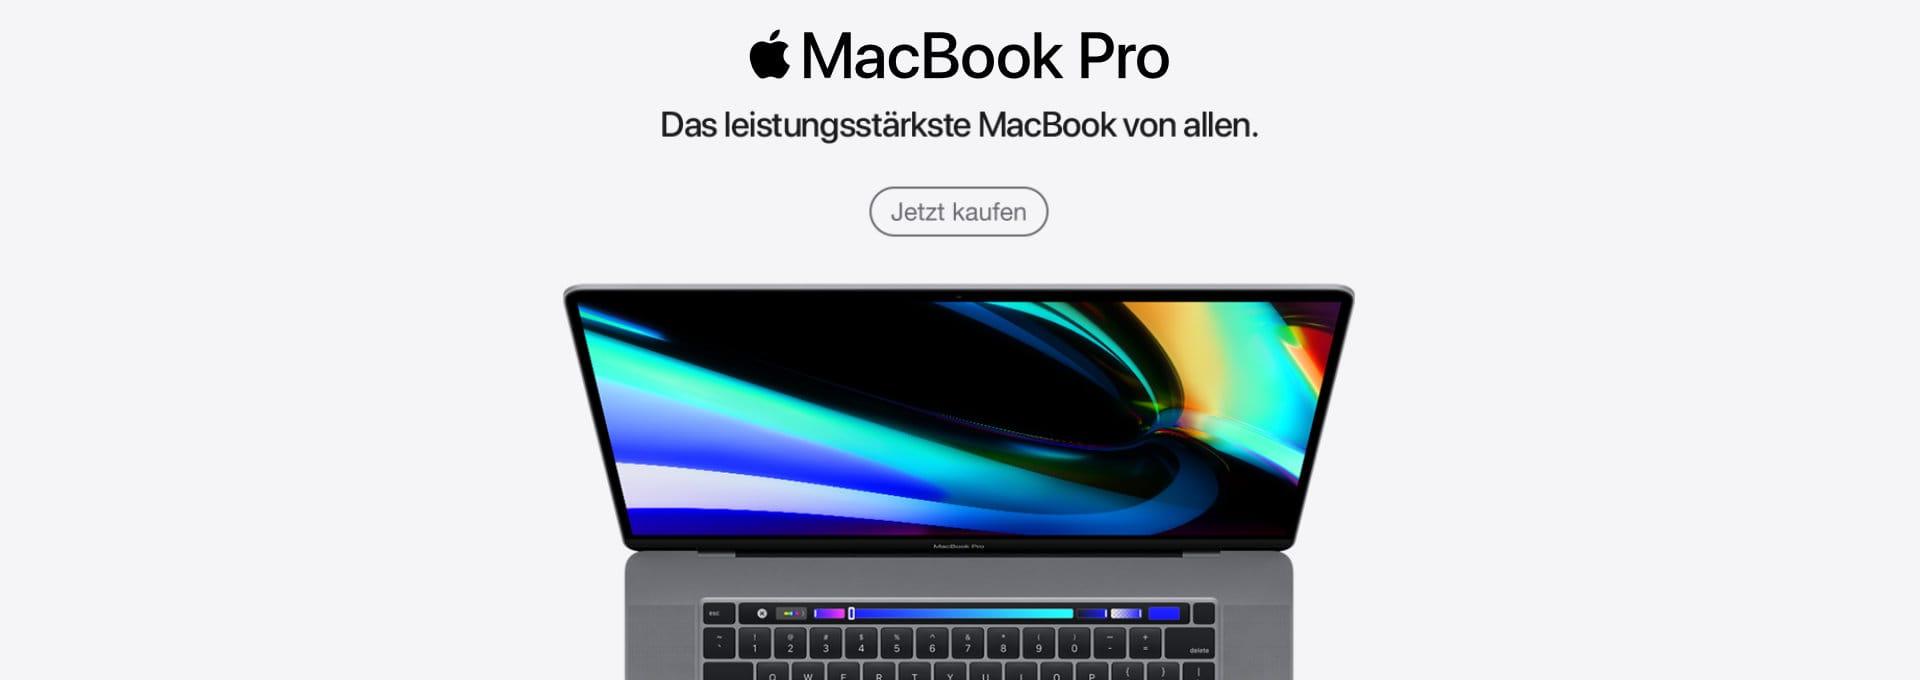 Jetzt Apple MacBook Pro kaufen